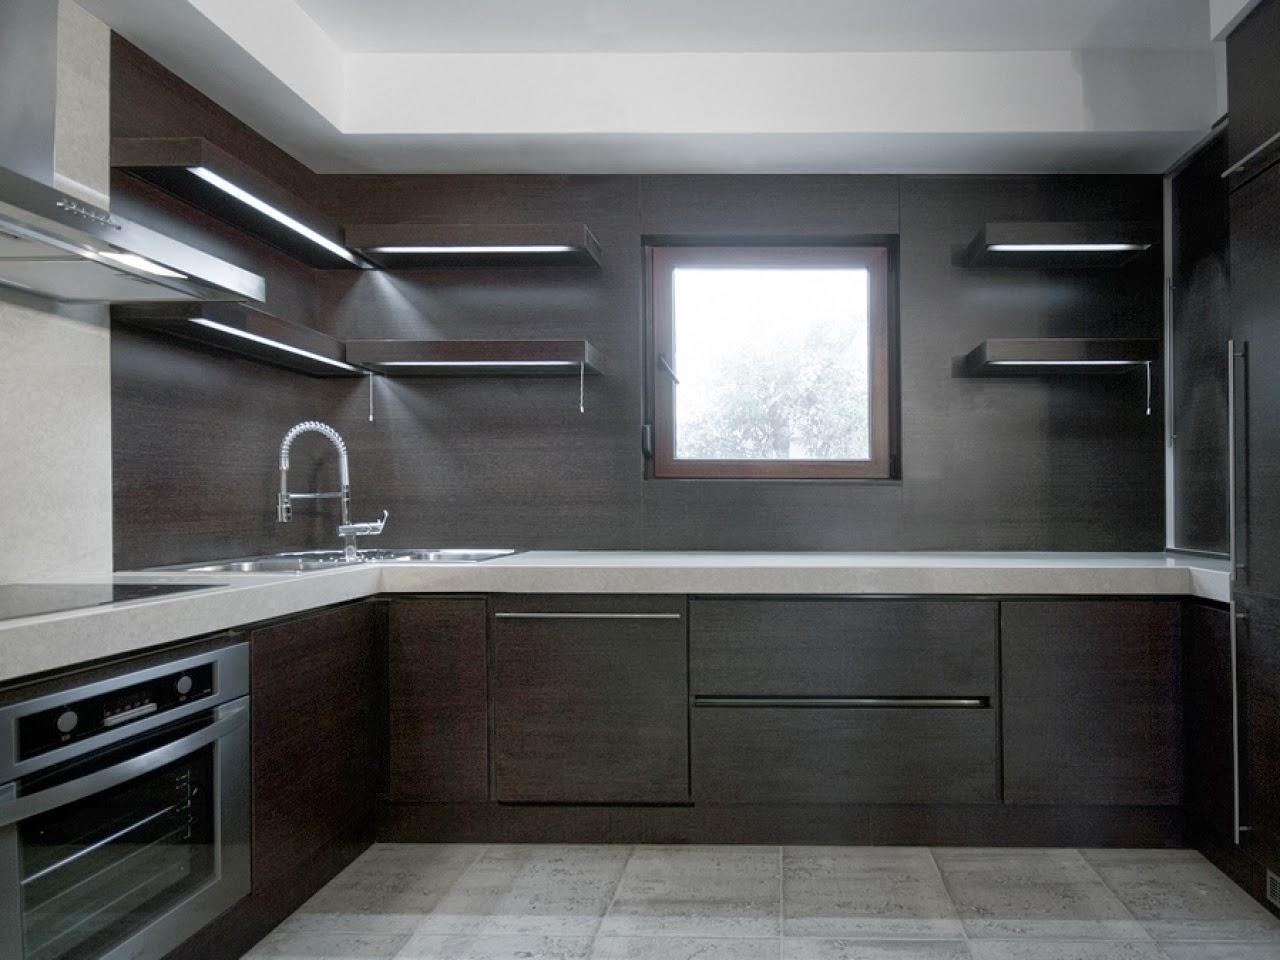 Decoracion y tendencias modernas cocinas con dise os oscuros for Ideas de gabinetes de cocina